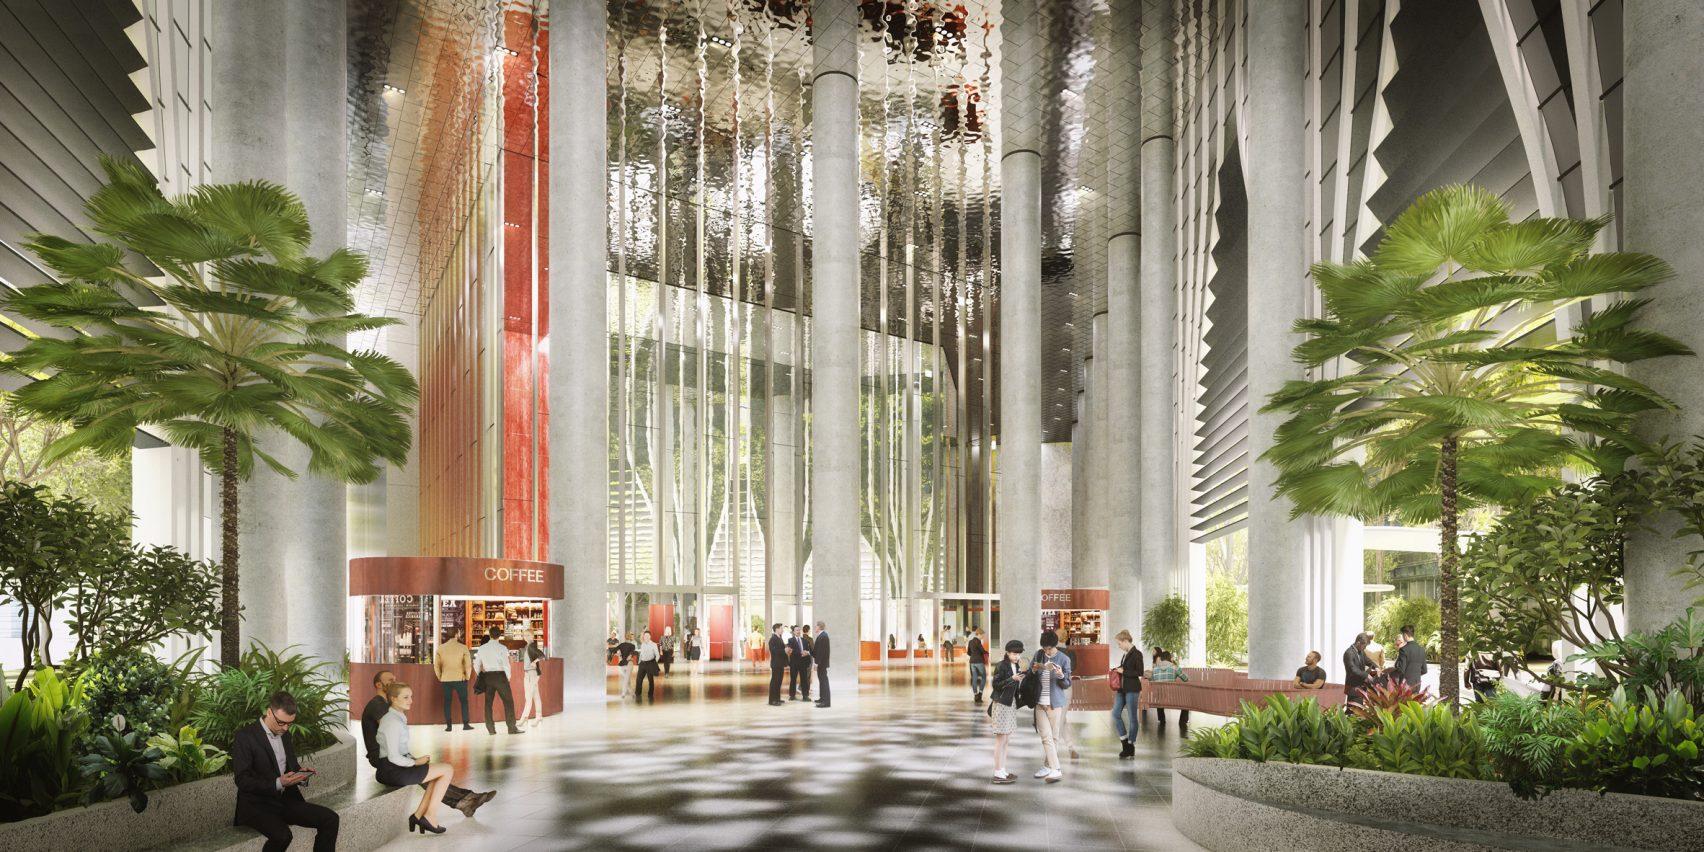 Il grattacielo avrà un bosco verticale a quattro piani / Dezeen